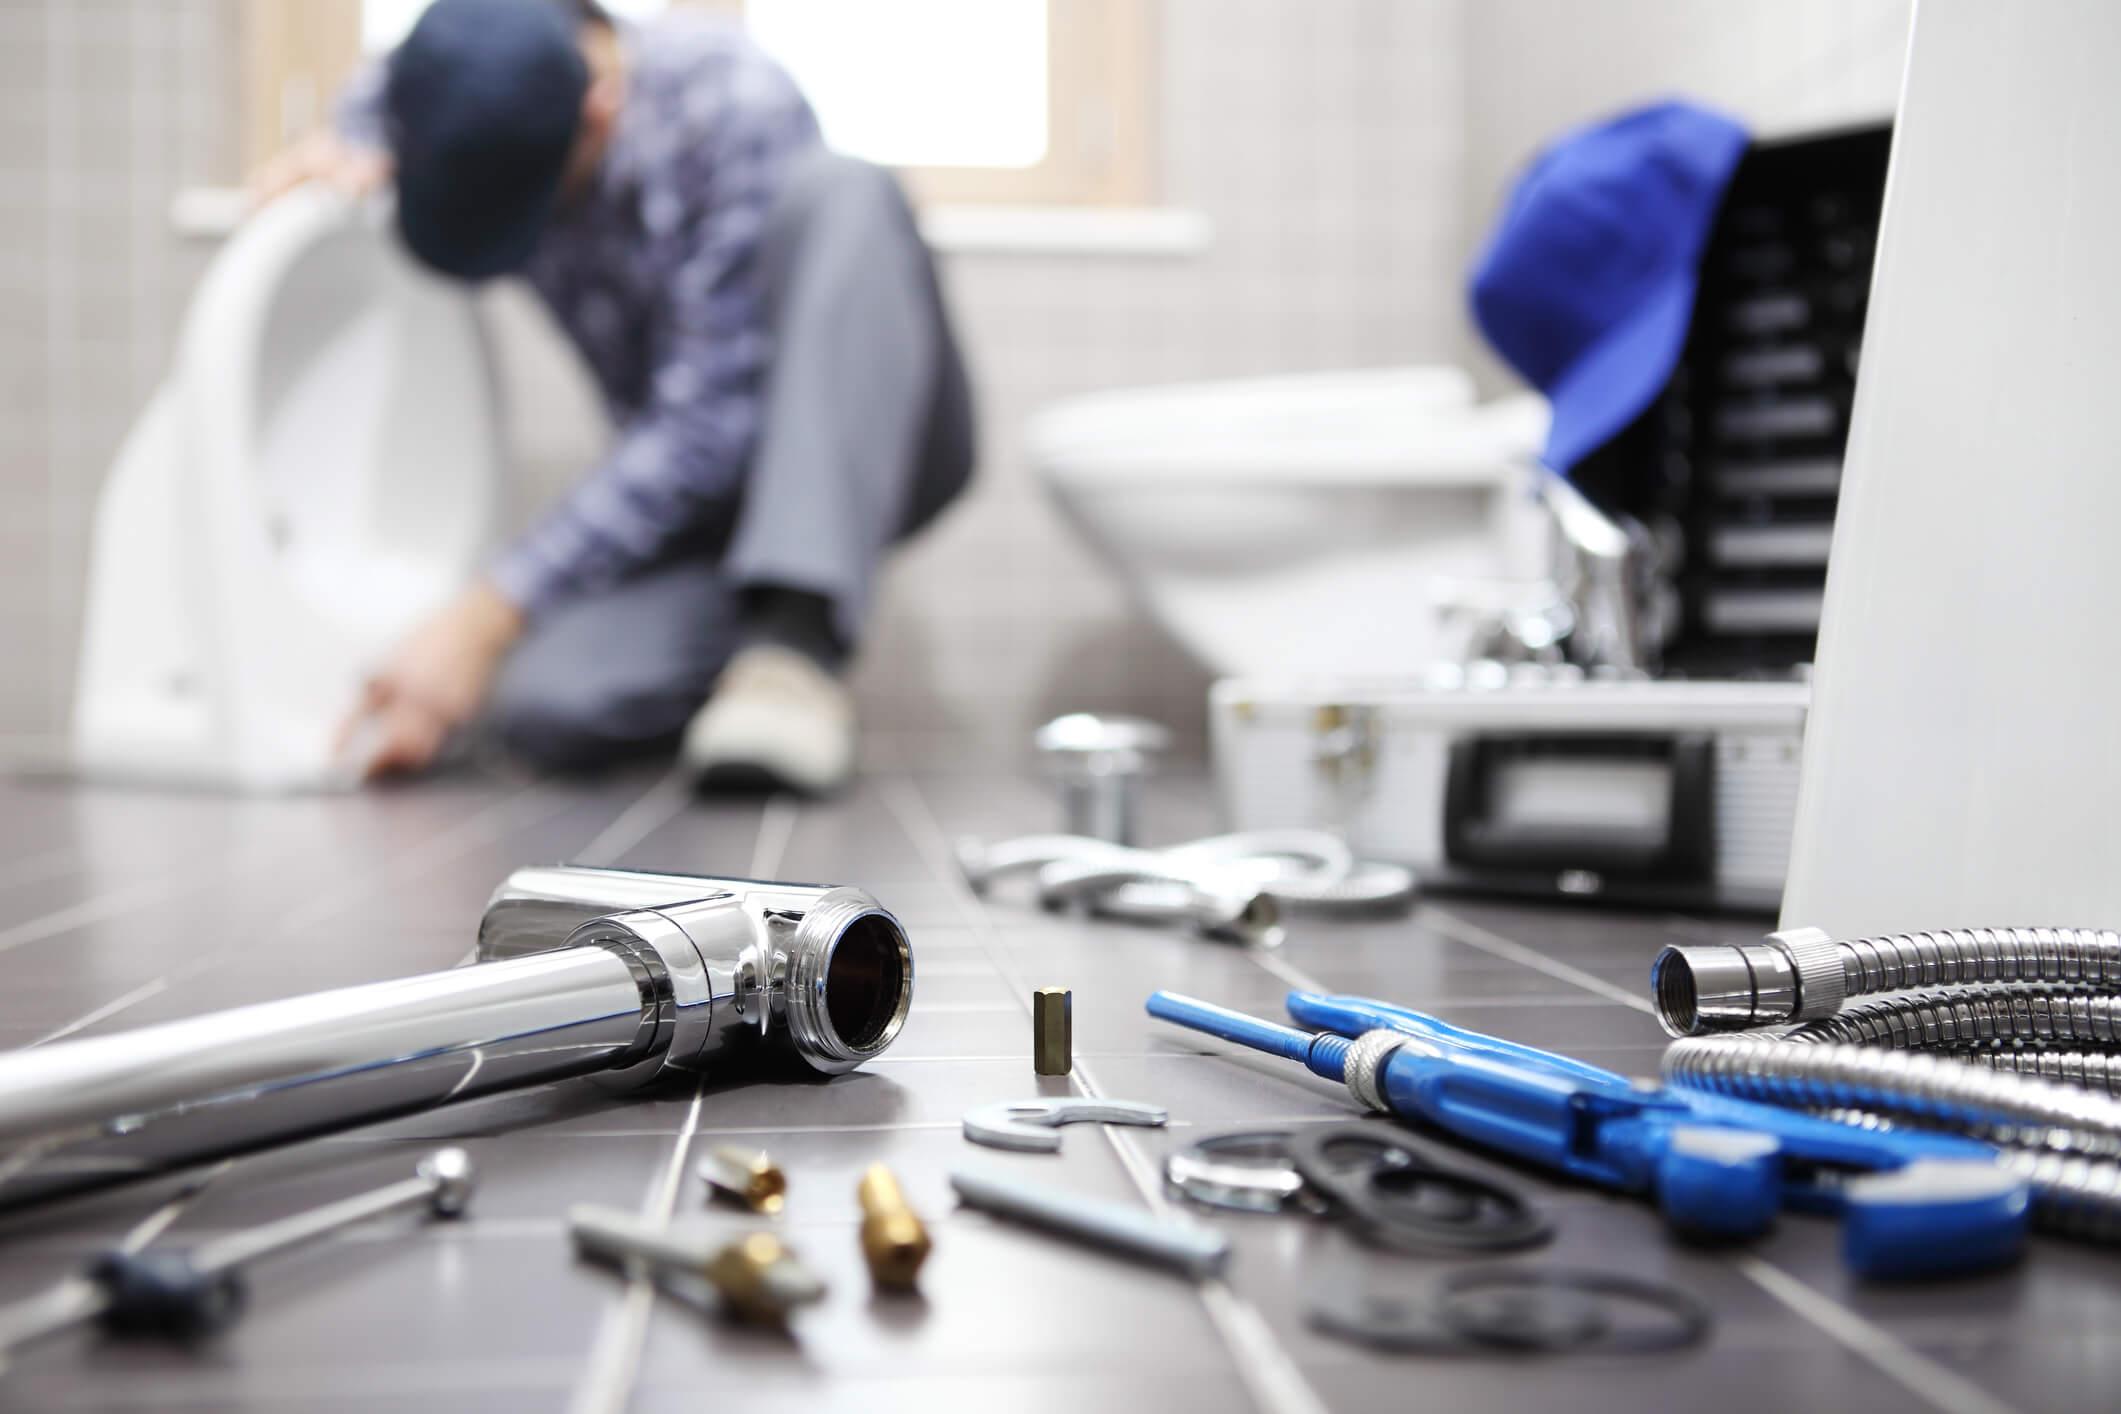 Plumber at work in a bathroom, plumbing repair service, assemble.